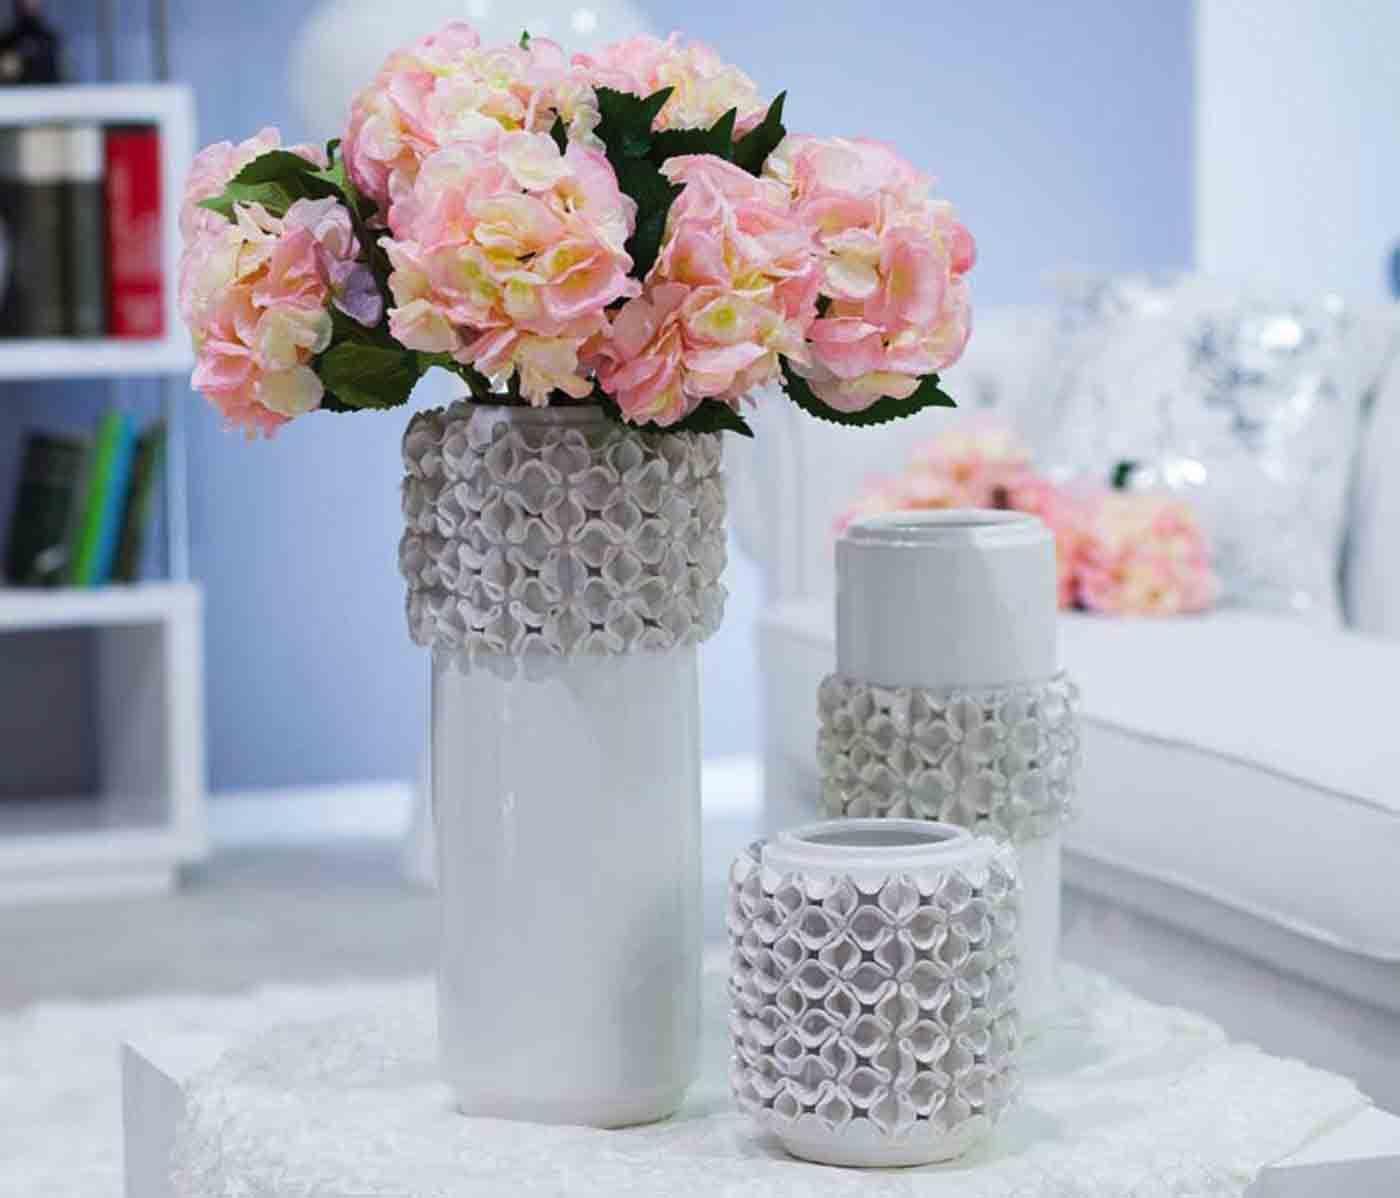 Jarrones originales blanco decoracion beltran tu tienda online de jarrones de dise o moderno - Decoracion beltran ...